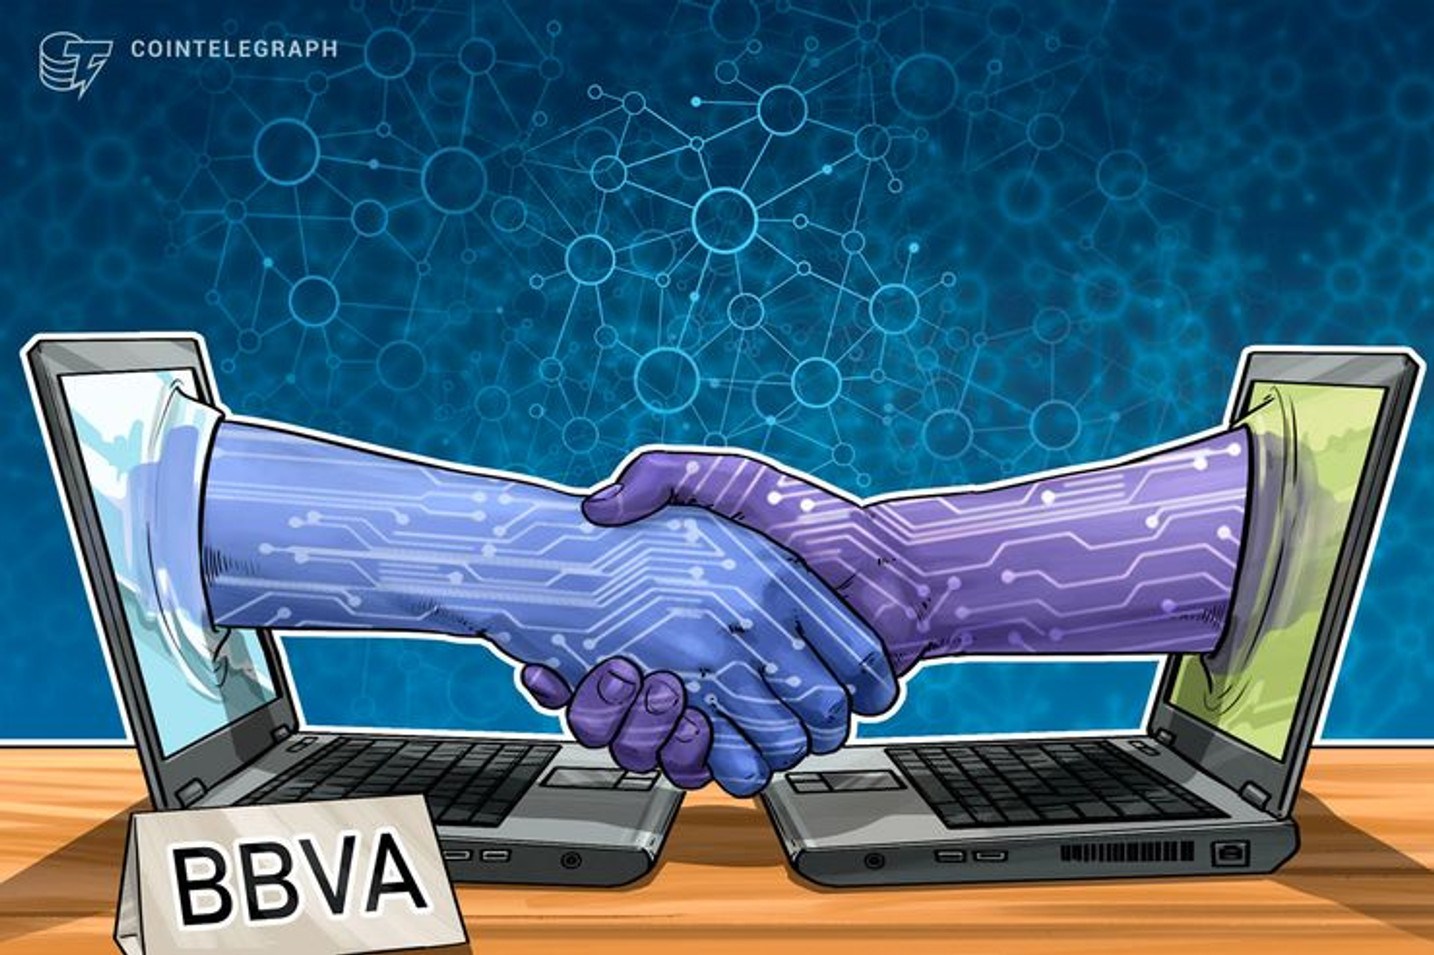 Experto de BBVA afirma que Blockchain tendrá impacto en la inclusión financiera